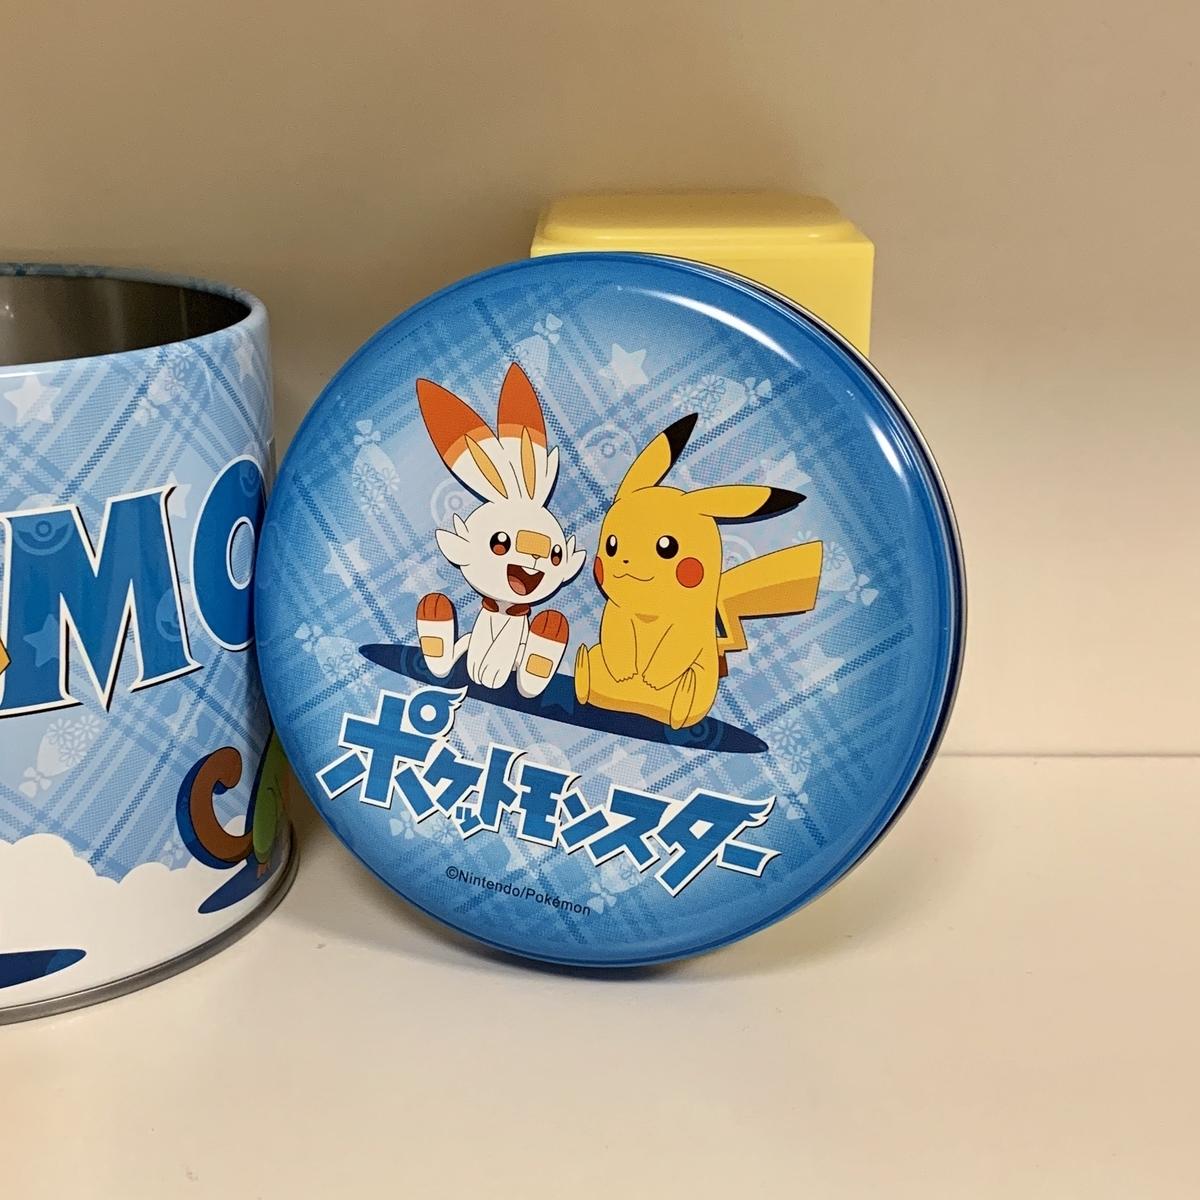 f:id:pikachu_pcn:20200115222904j:plain